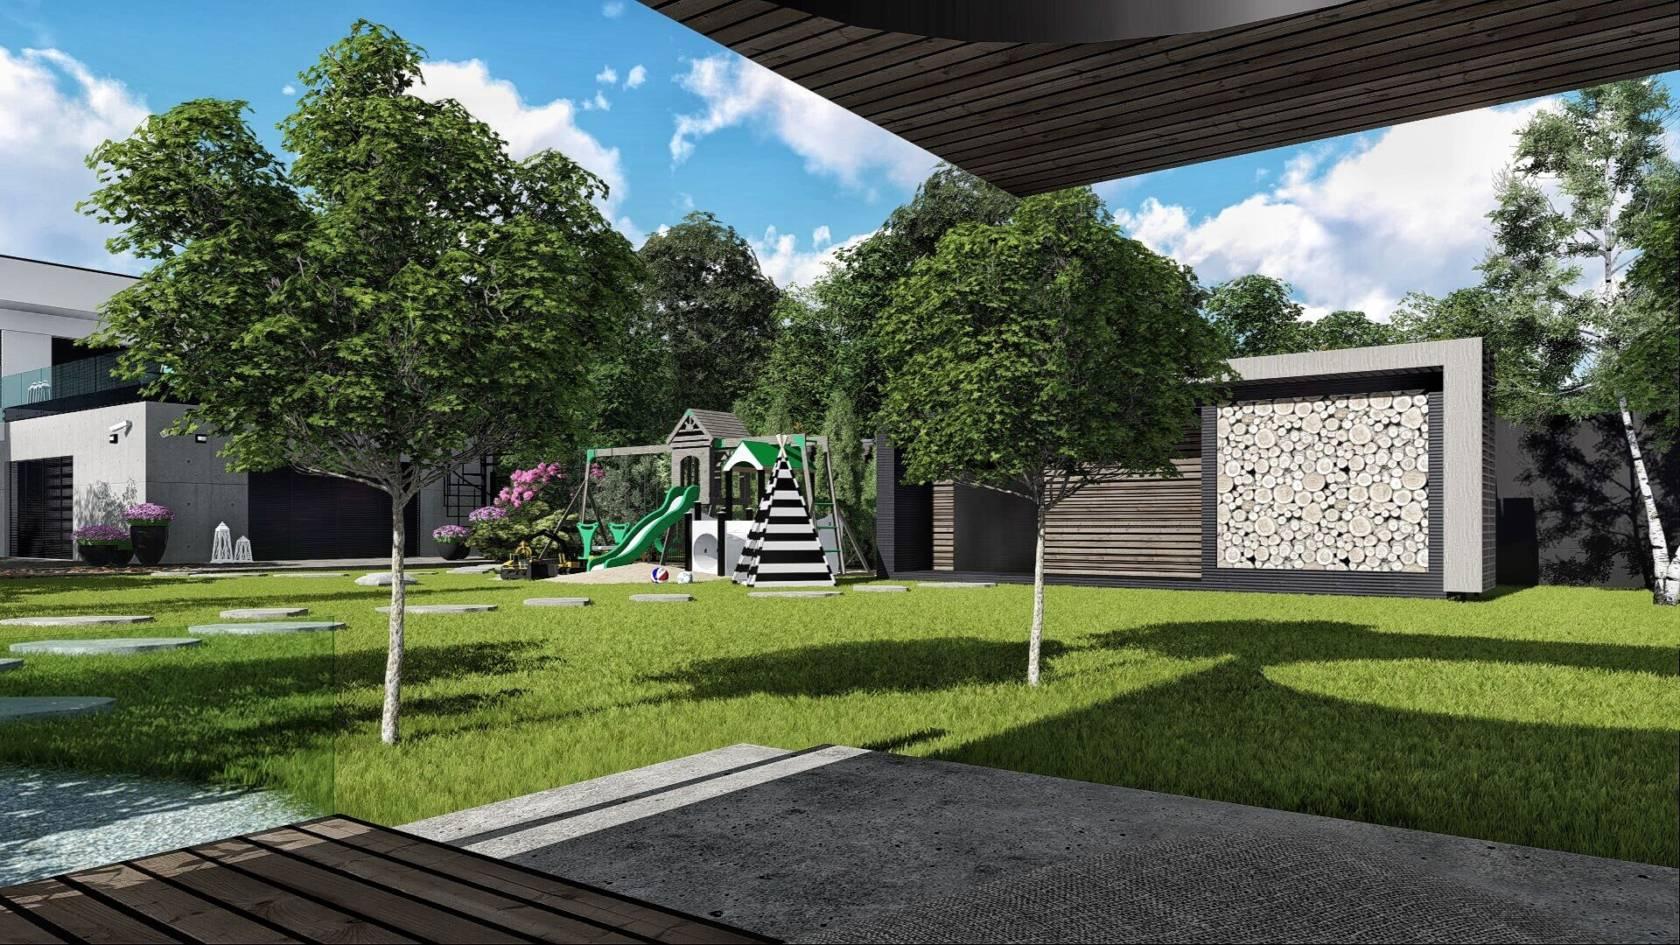 Projekt zahrada Koscie 02